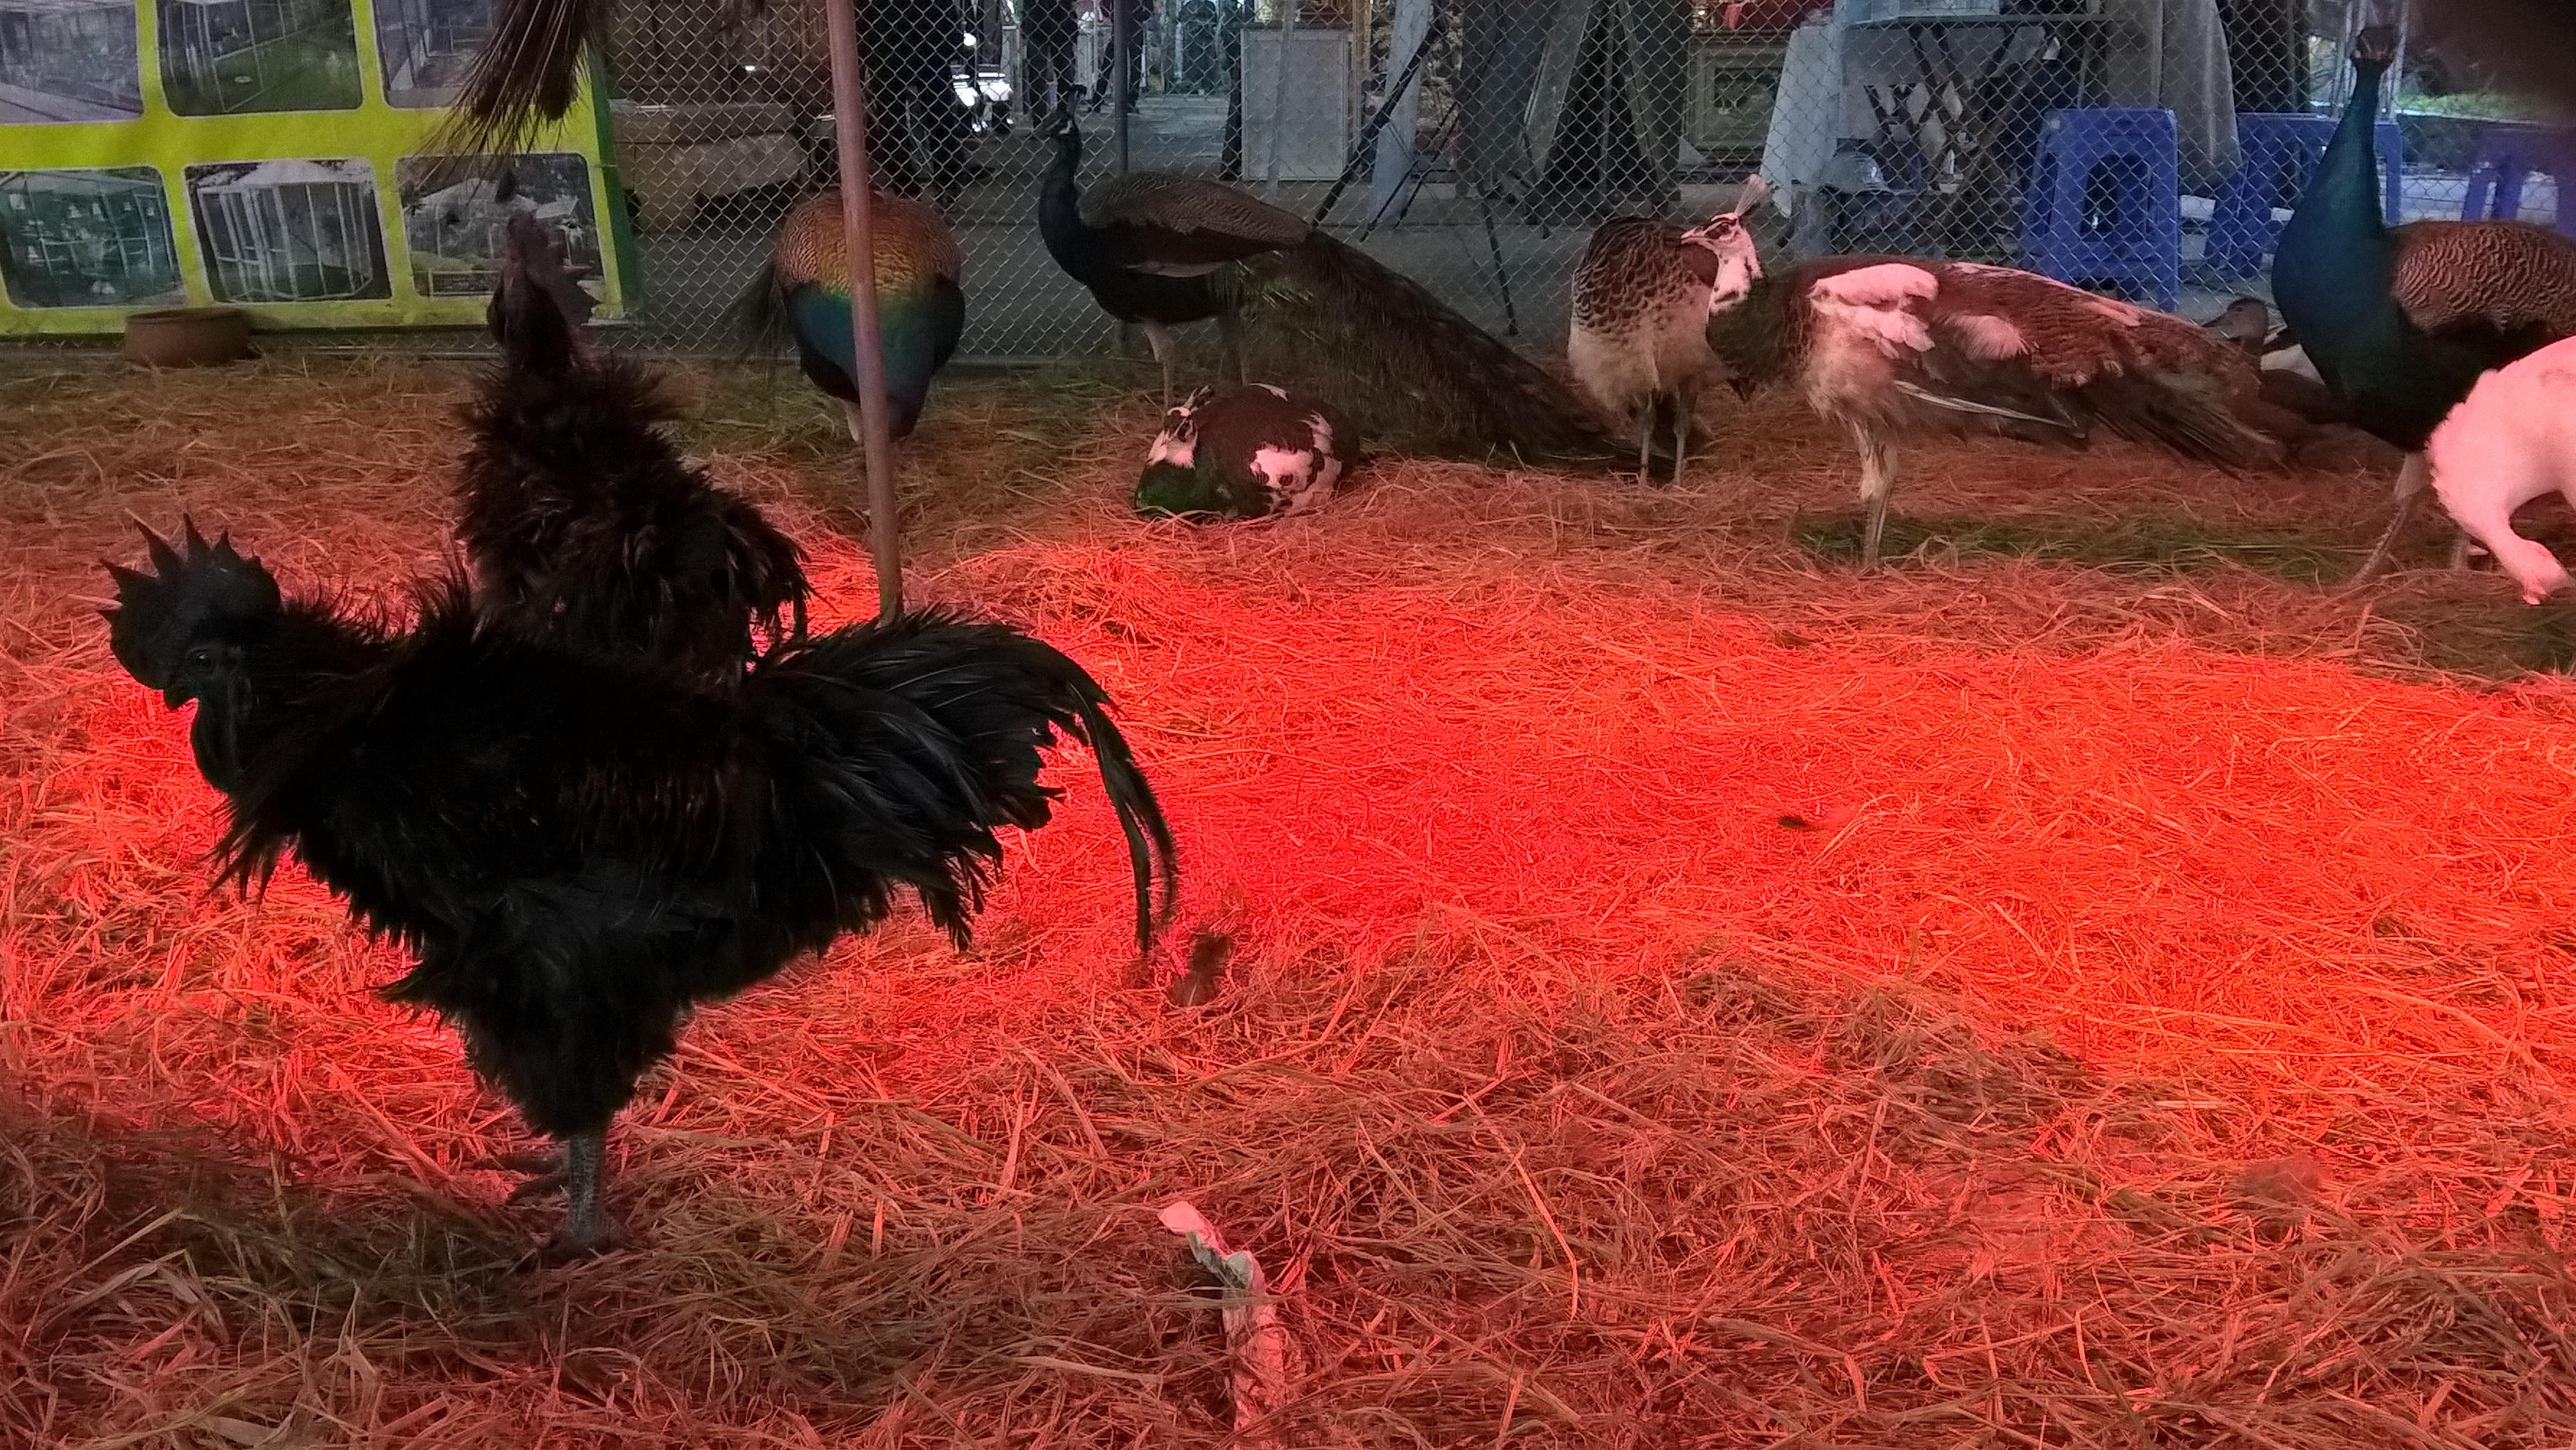 Những con gà đen giá khoảng 2 - 3kg, chủ hàng cho biết có người trả 20 triệu/con nhưng không bán